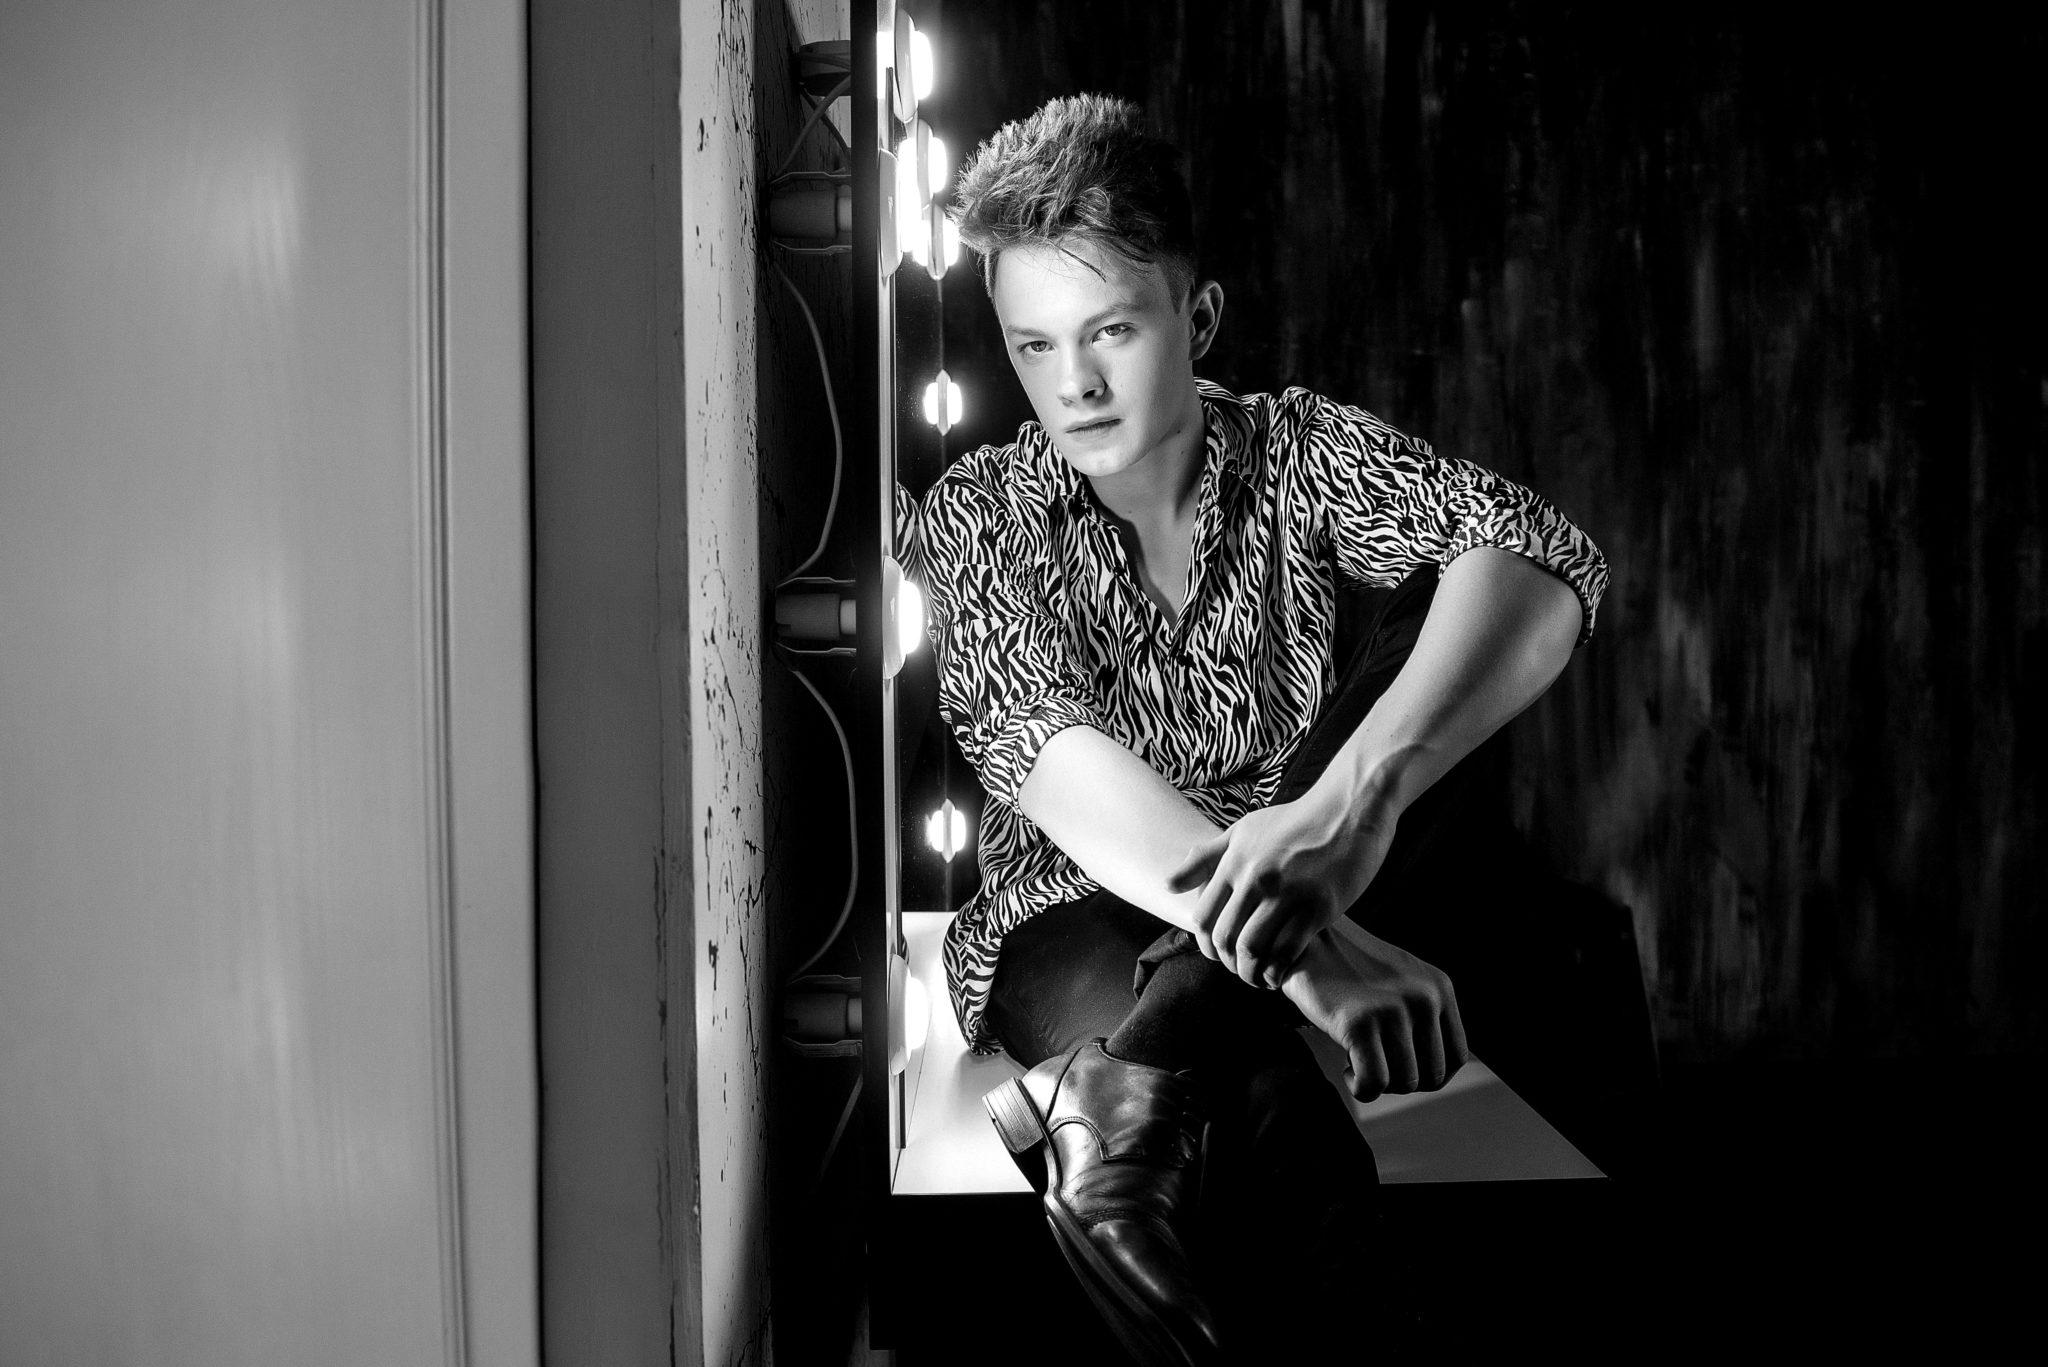 Мужская фотосессия в студии, ph Постникова, парень в рубашке сидит на визажном столе, чб фотография